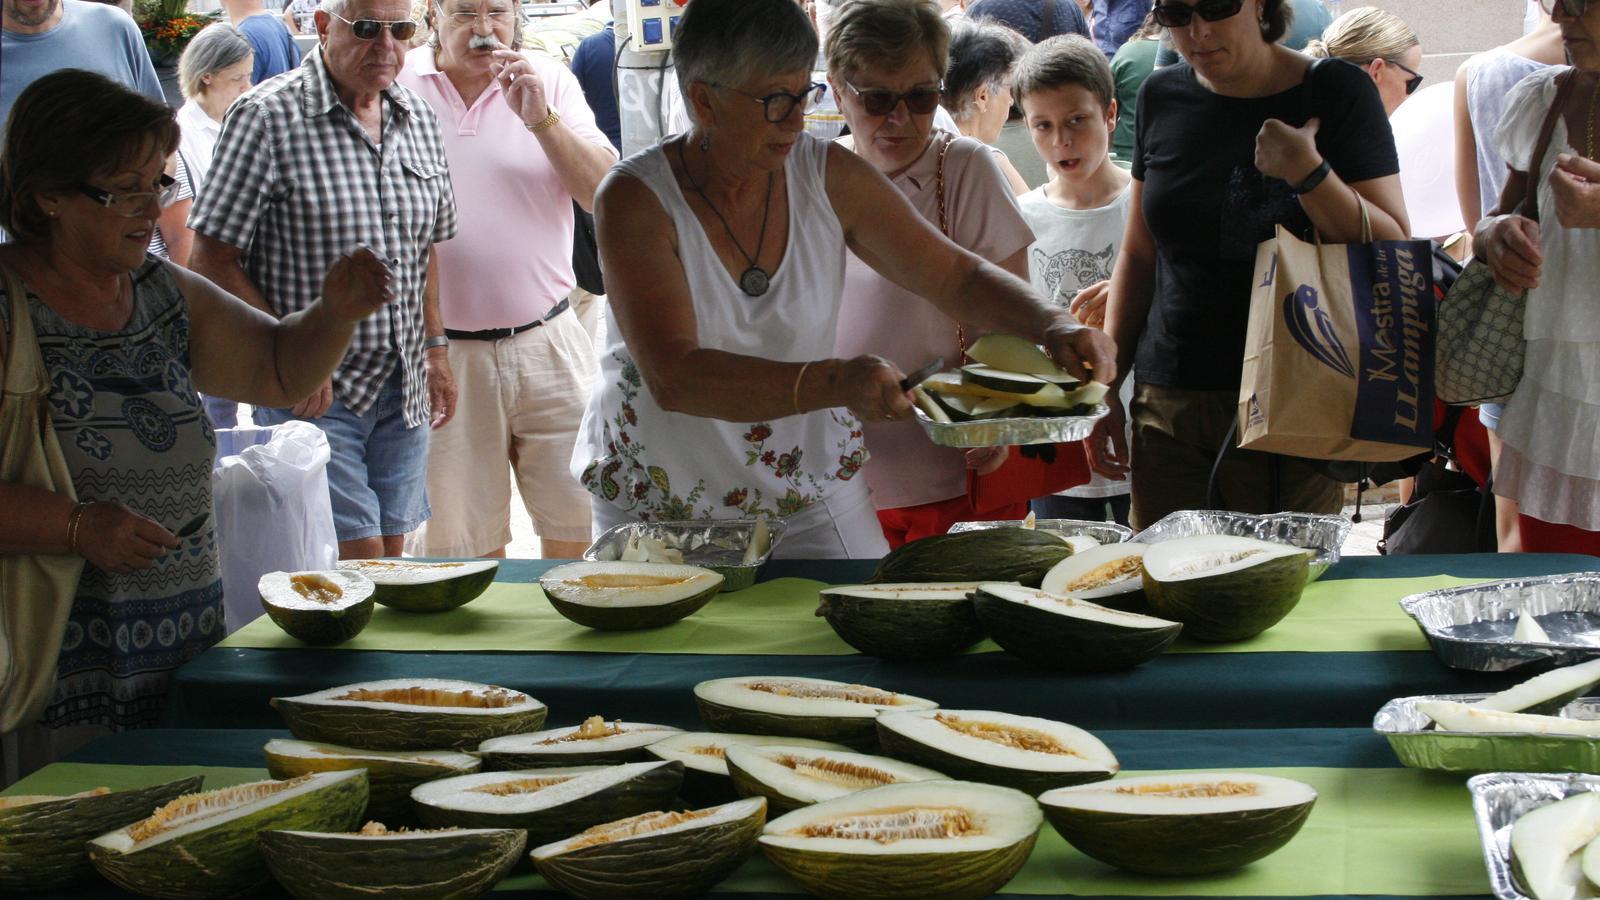 Molts visitants s'han acostat el punts de degustació gratuïta de meló.